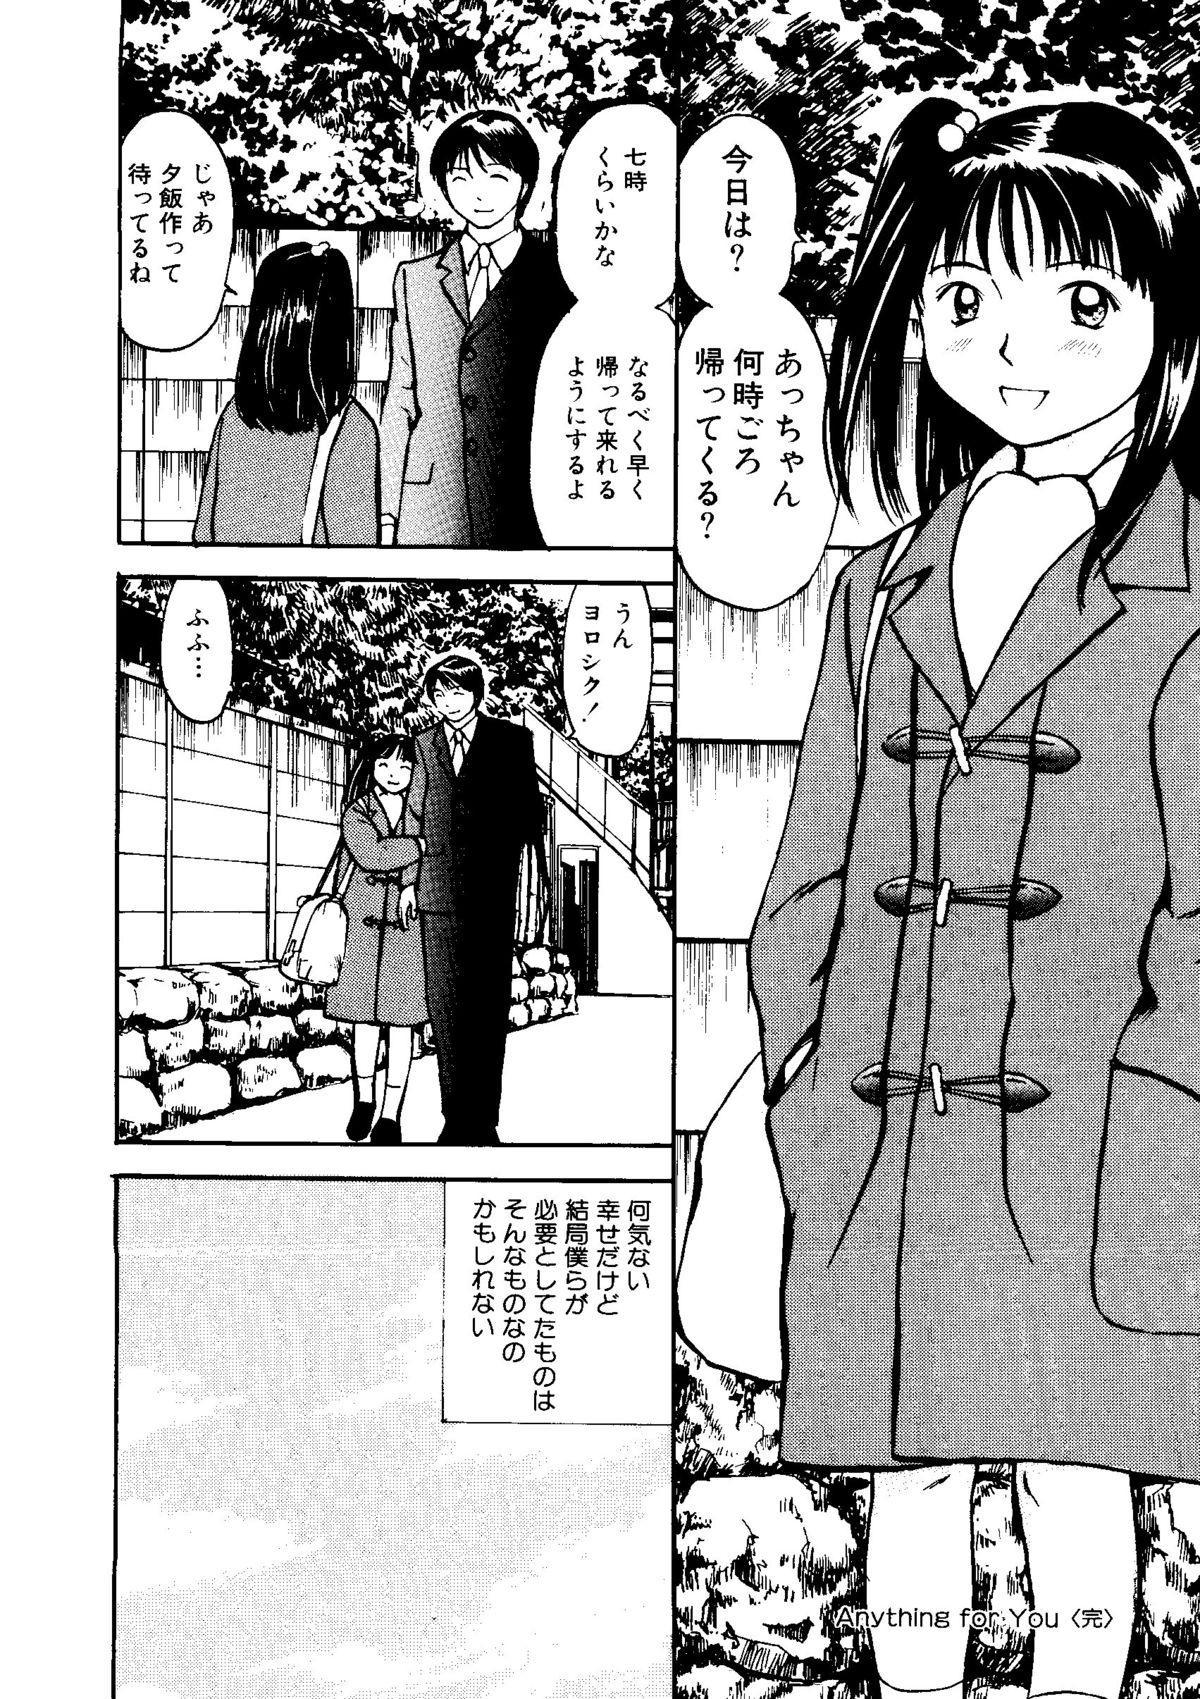 Mujirushi Youhin Vol. 7 160